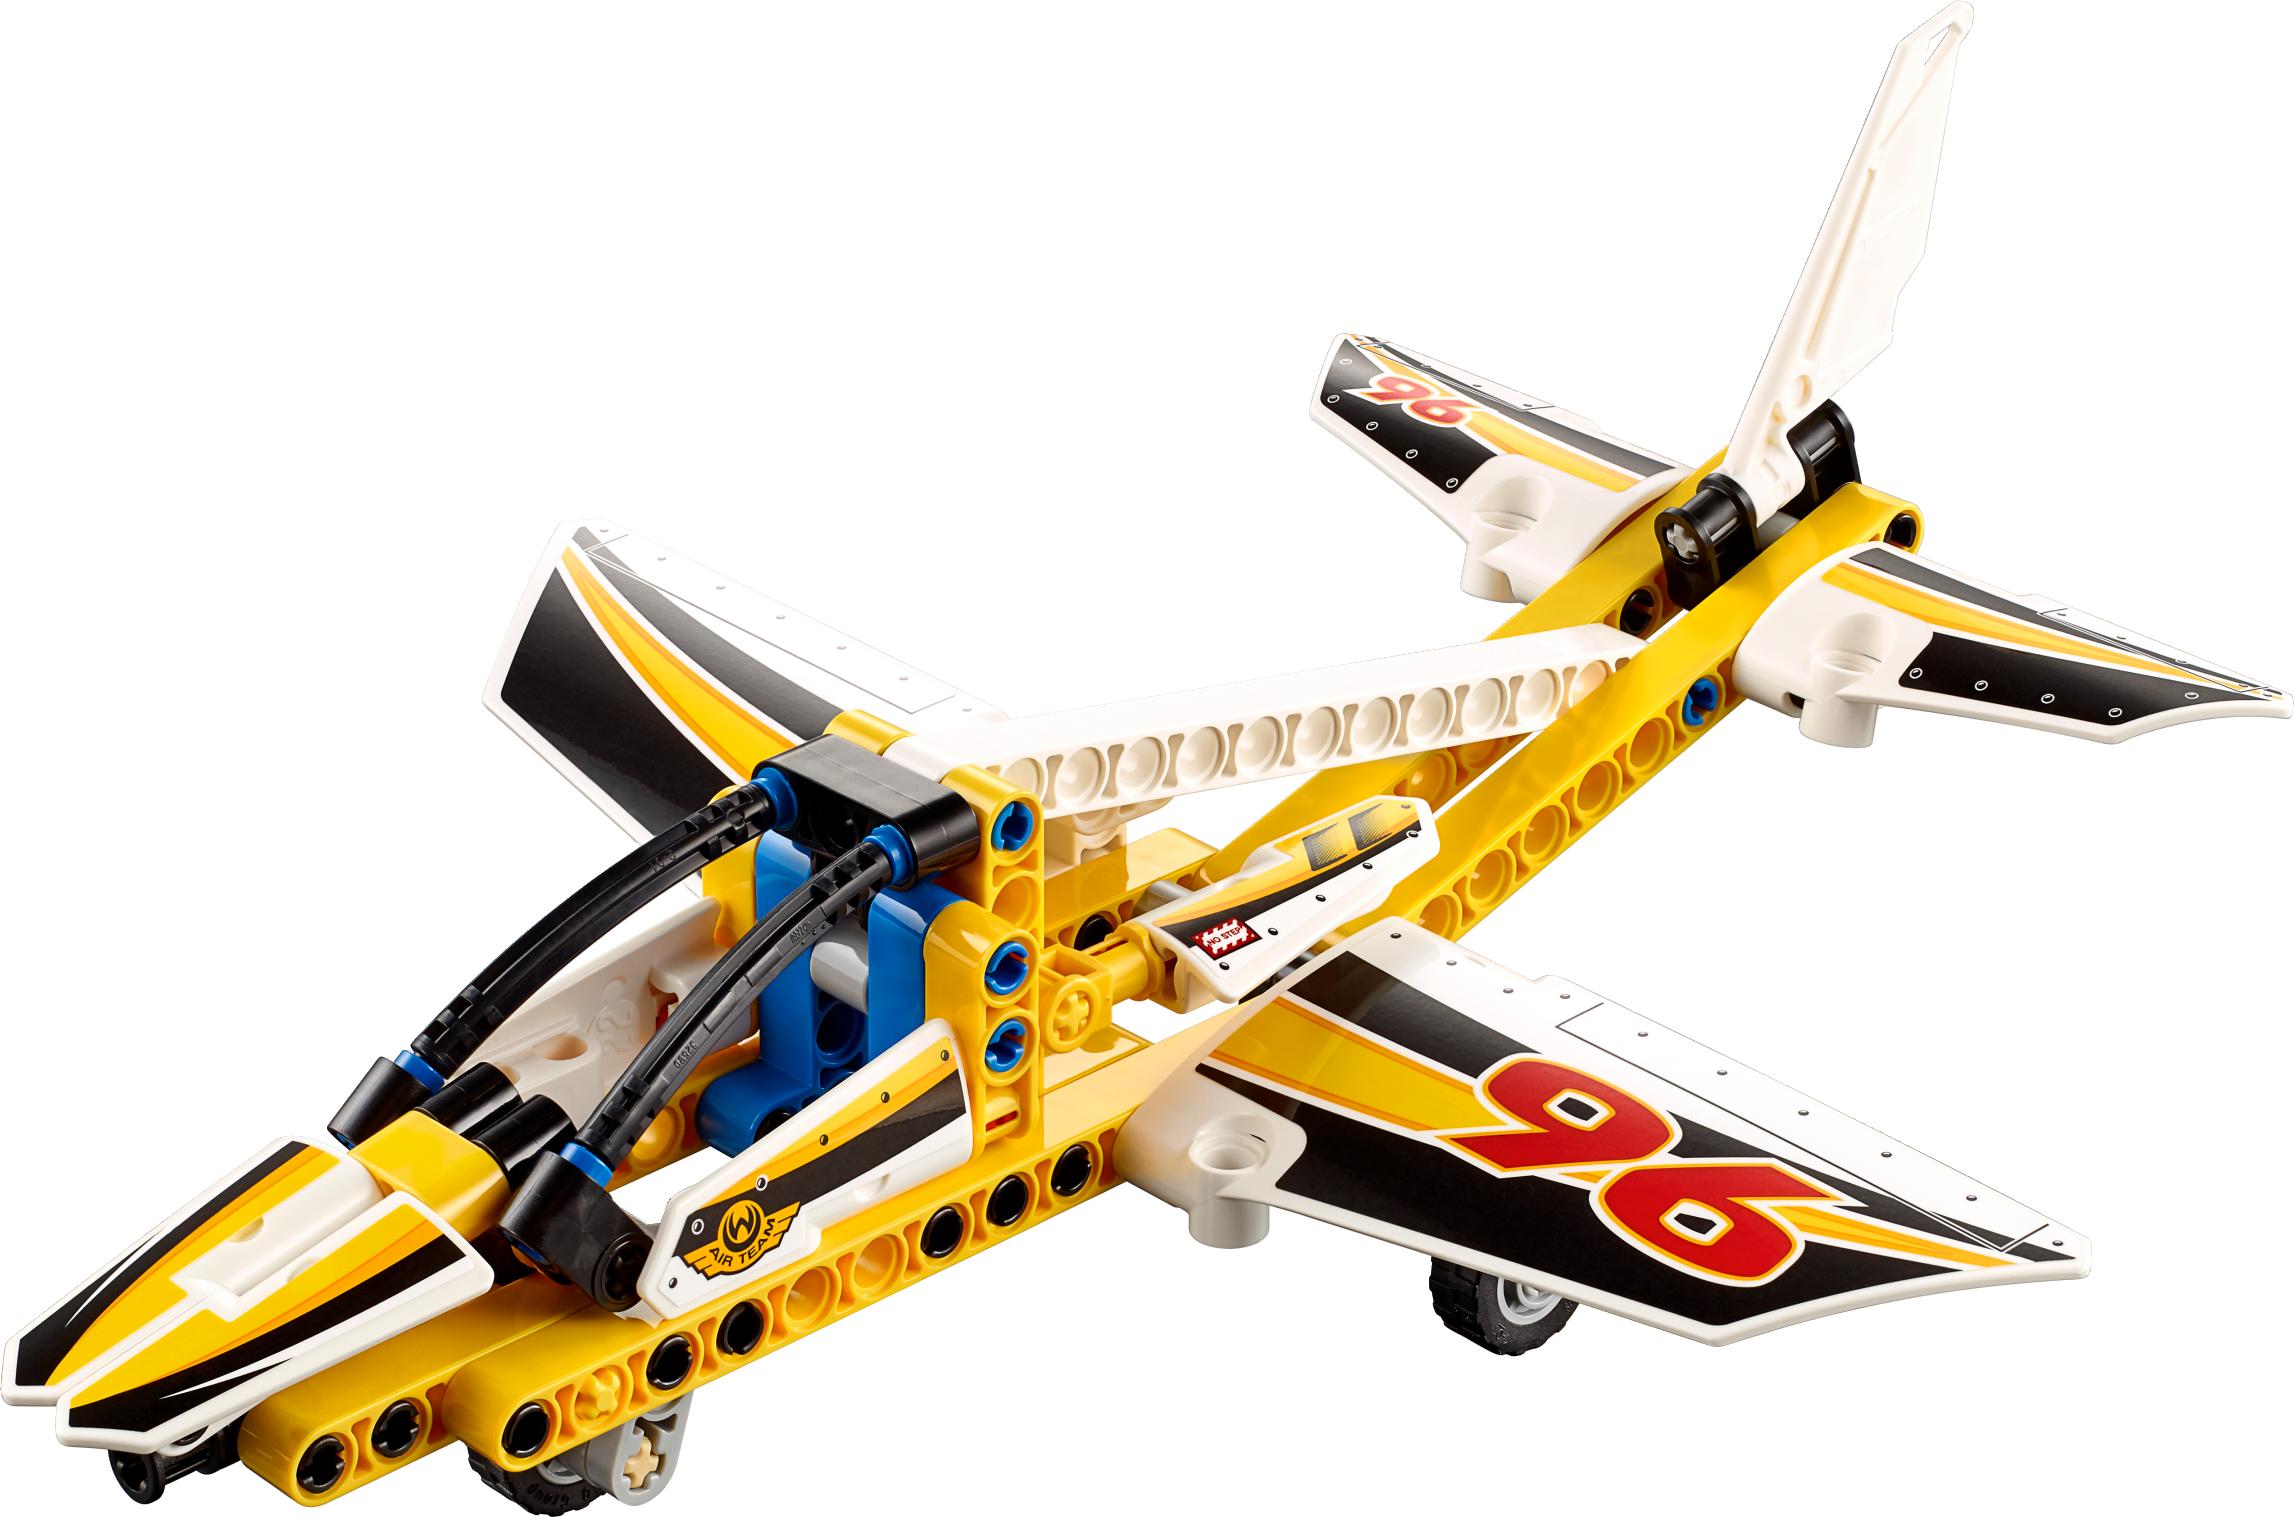 Display Team Jet